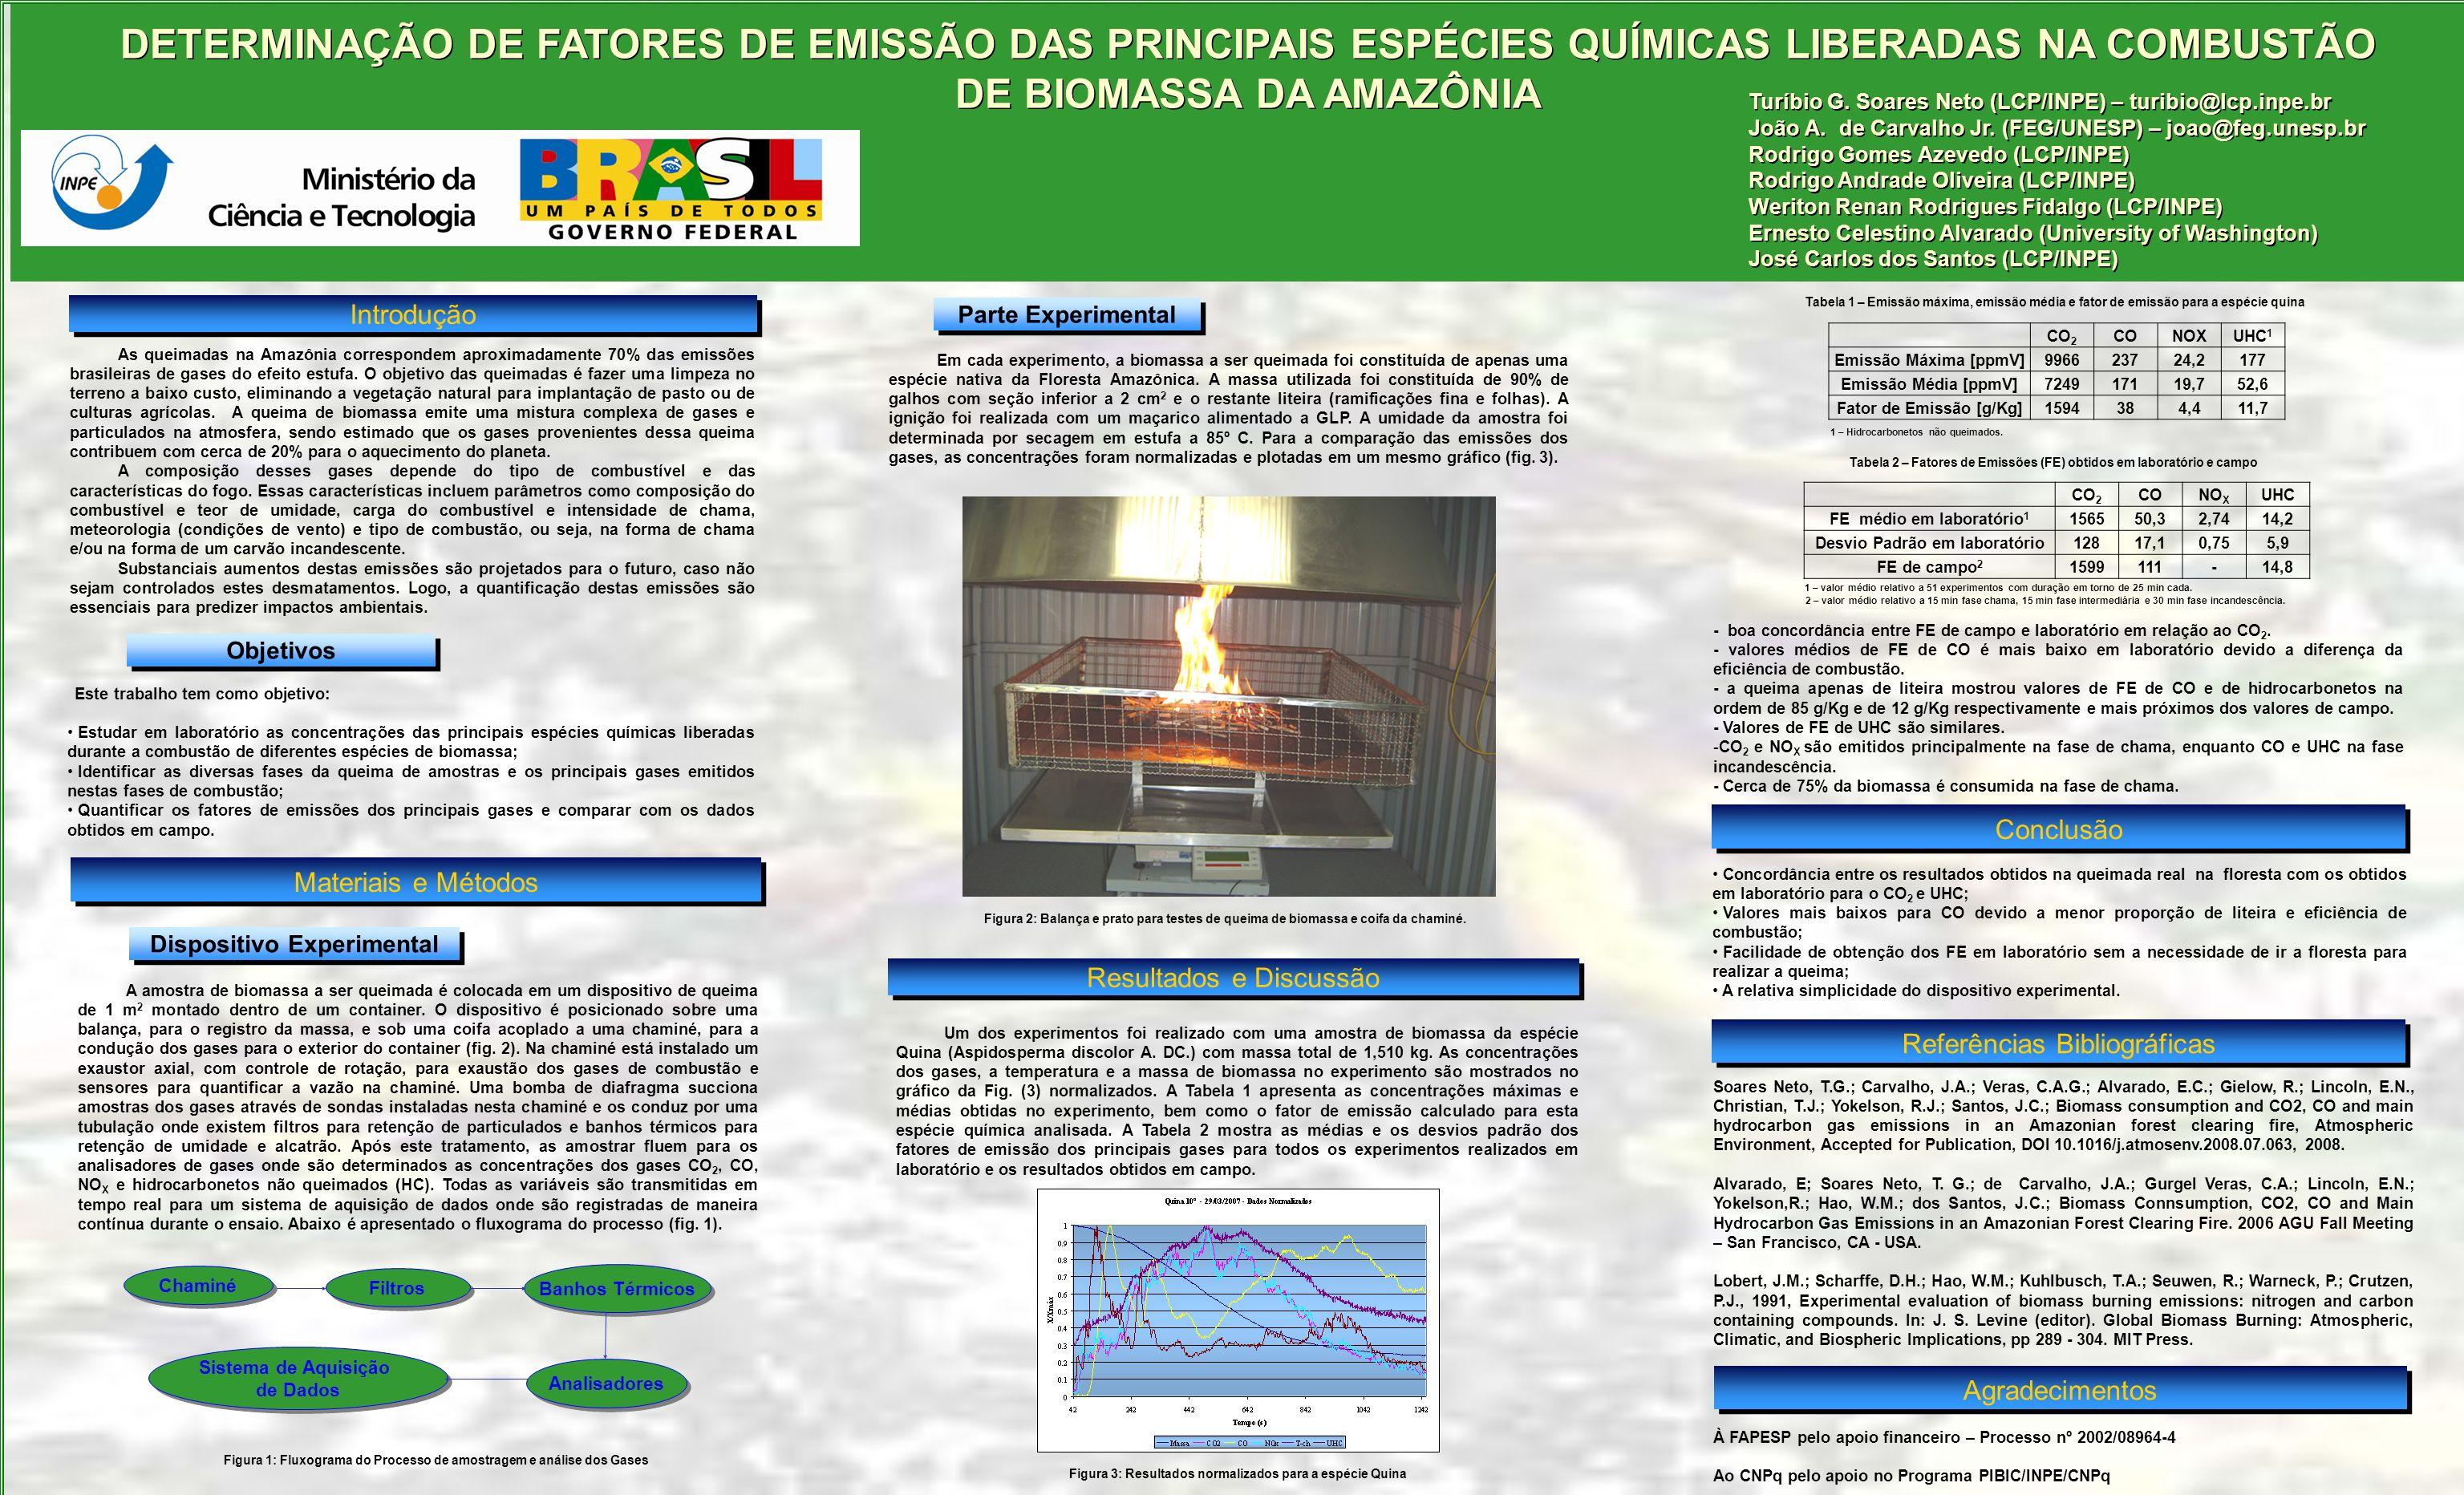 DETERMINAÇÃO DE FATORES DE EMISSÃO DAS PRINCIPAIS ESPÉCIES QUÍMICAS LIBERADAS NA COMBUSTÃO DE BIOMASSA DA AMAZÔNIA Introdução As queimadas na Amazônia